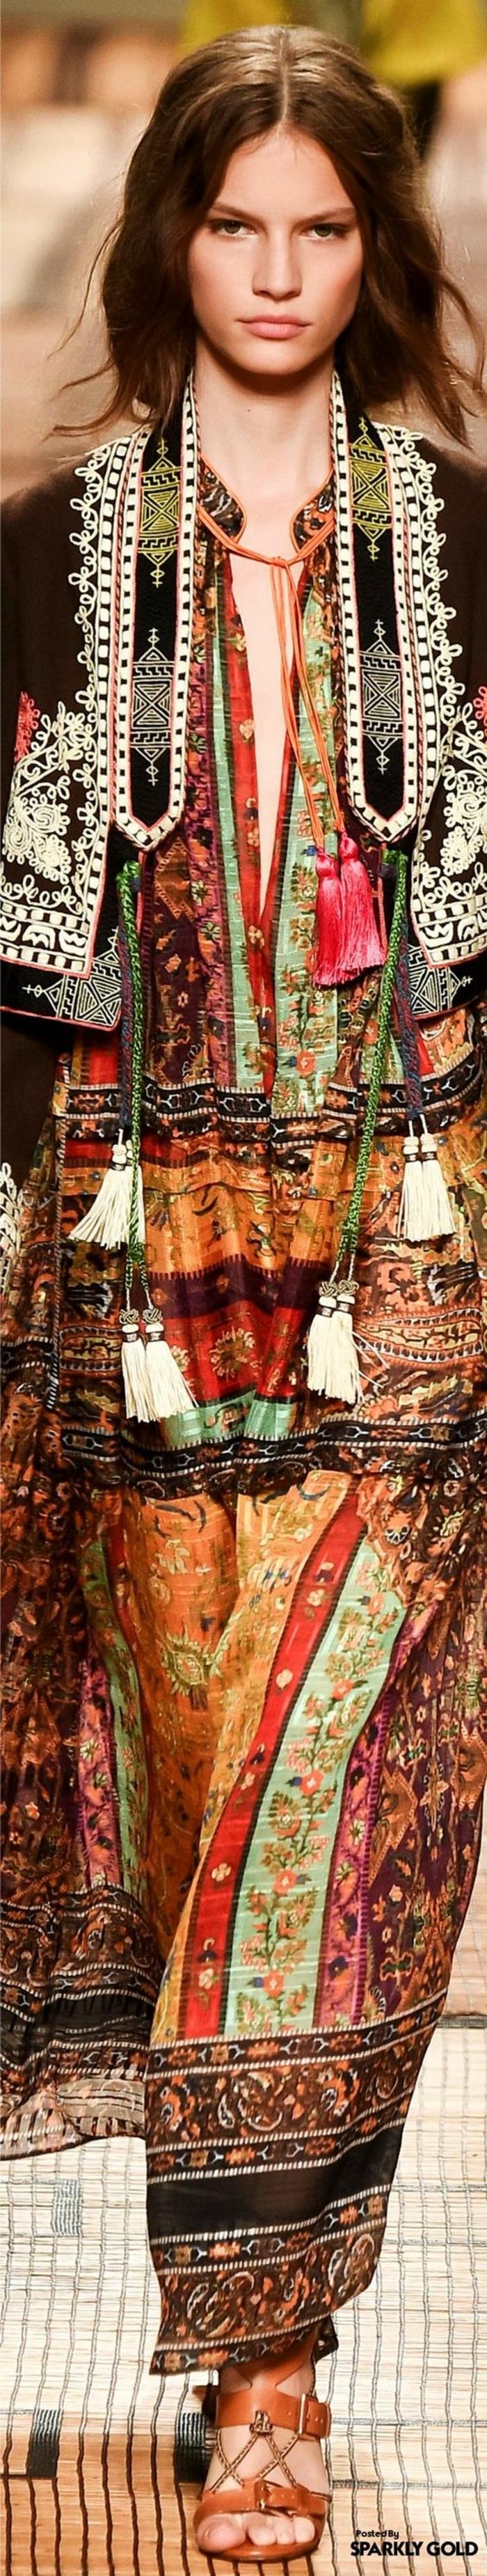 vêtements ethniques, longue robe multicolore, robe style boho chic, cheveux longs